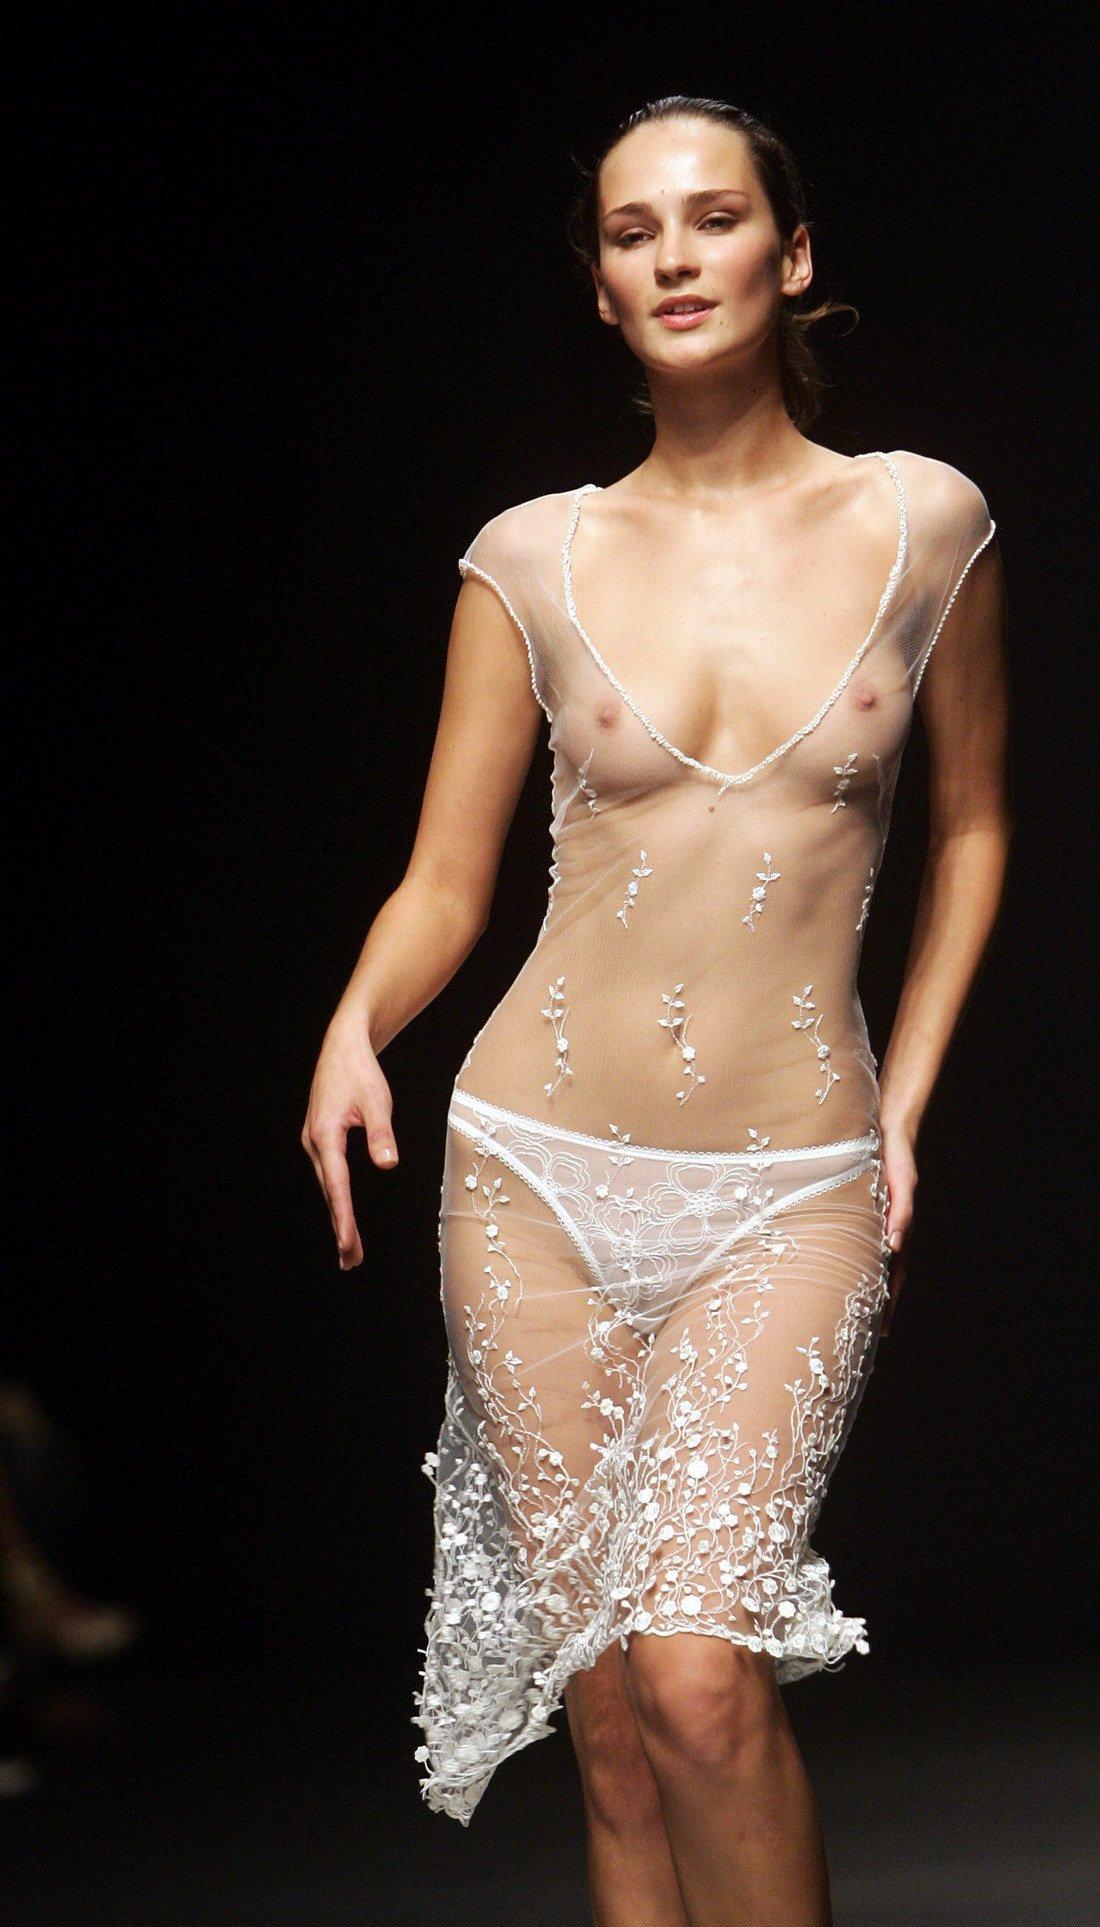 Фото голых моделей на показе 25 фотография